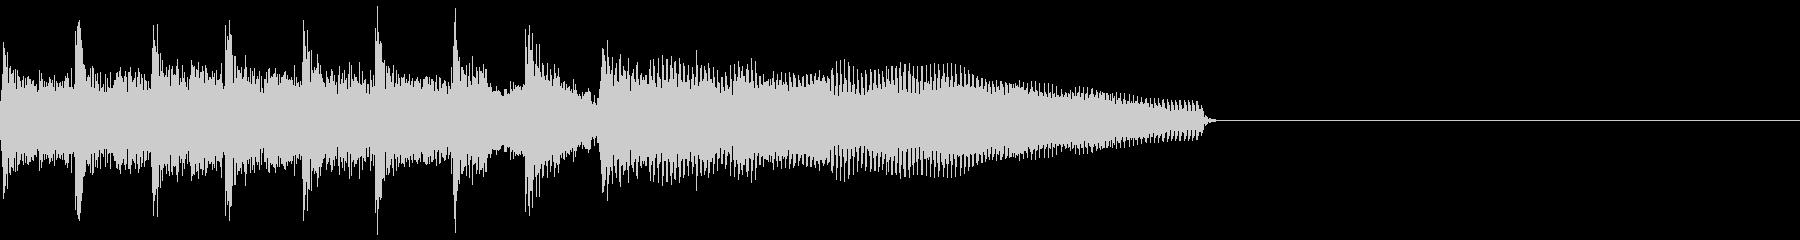 ギター効果音 ライバル出現の未再生の波形